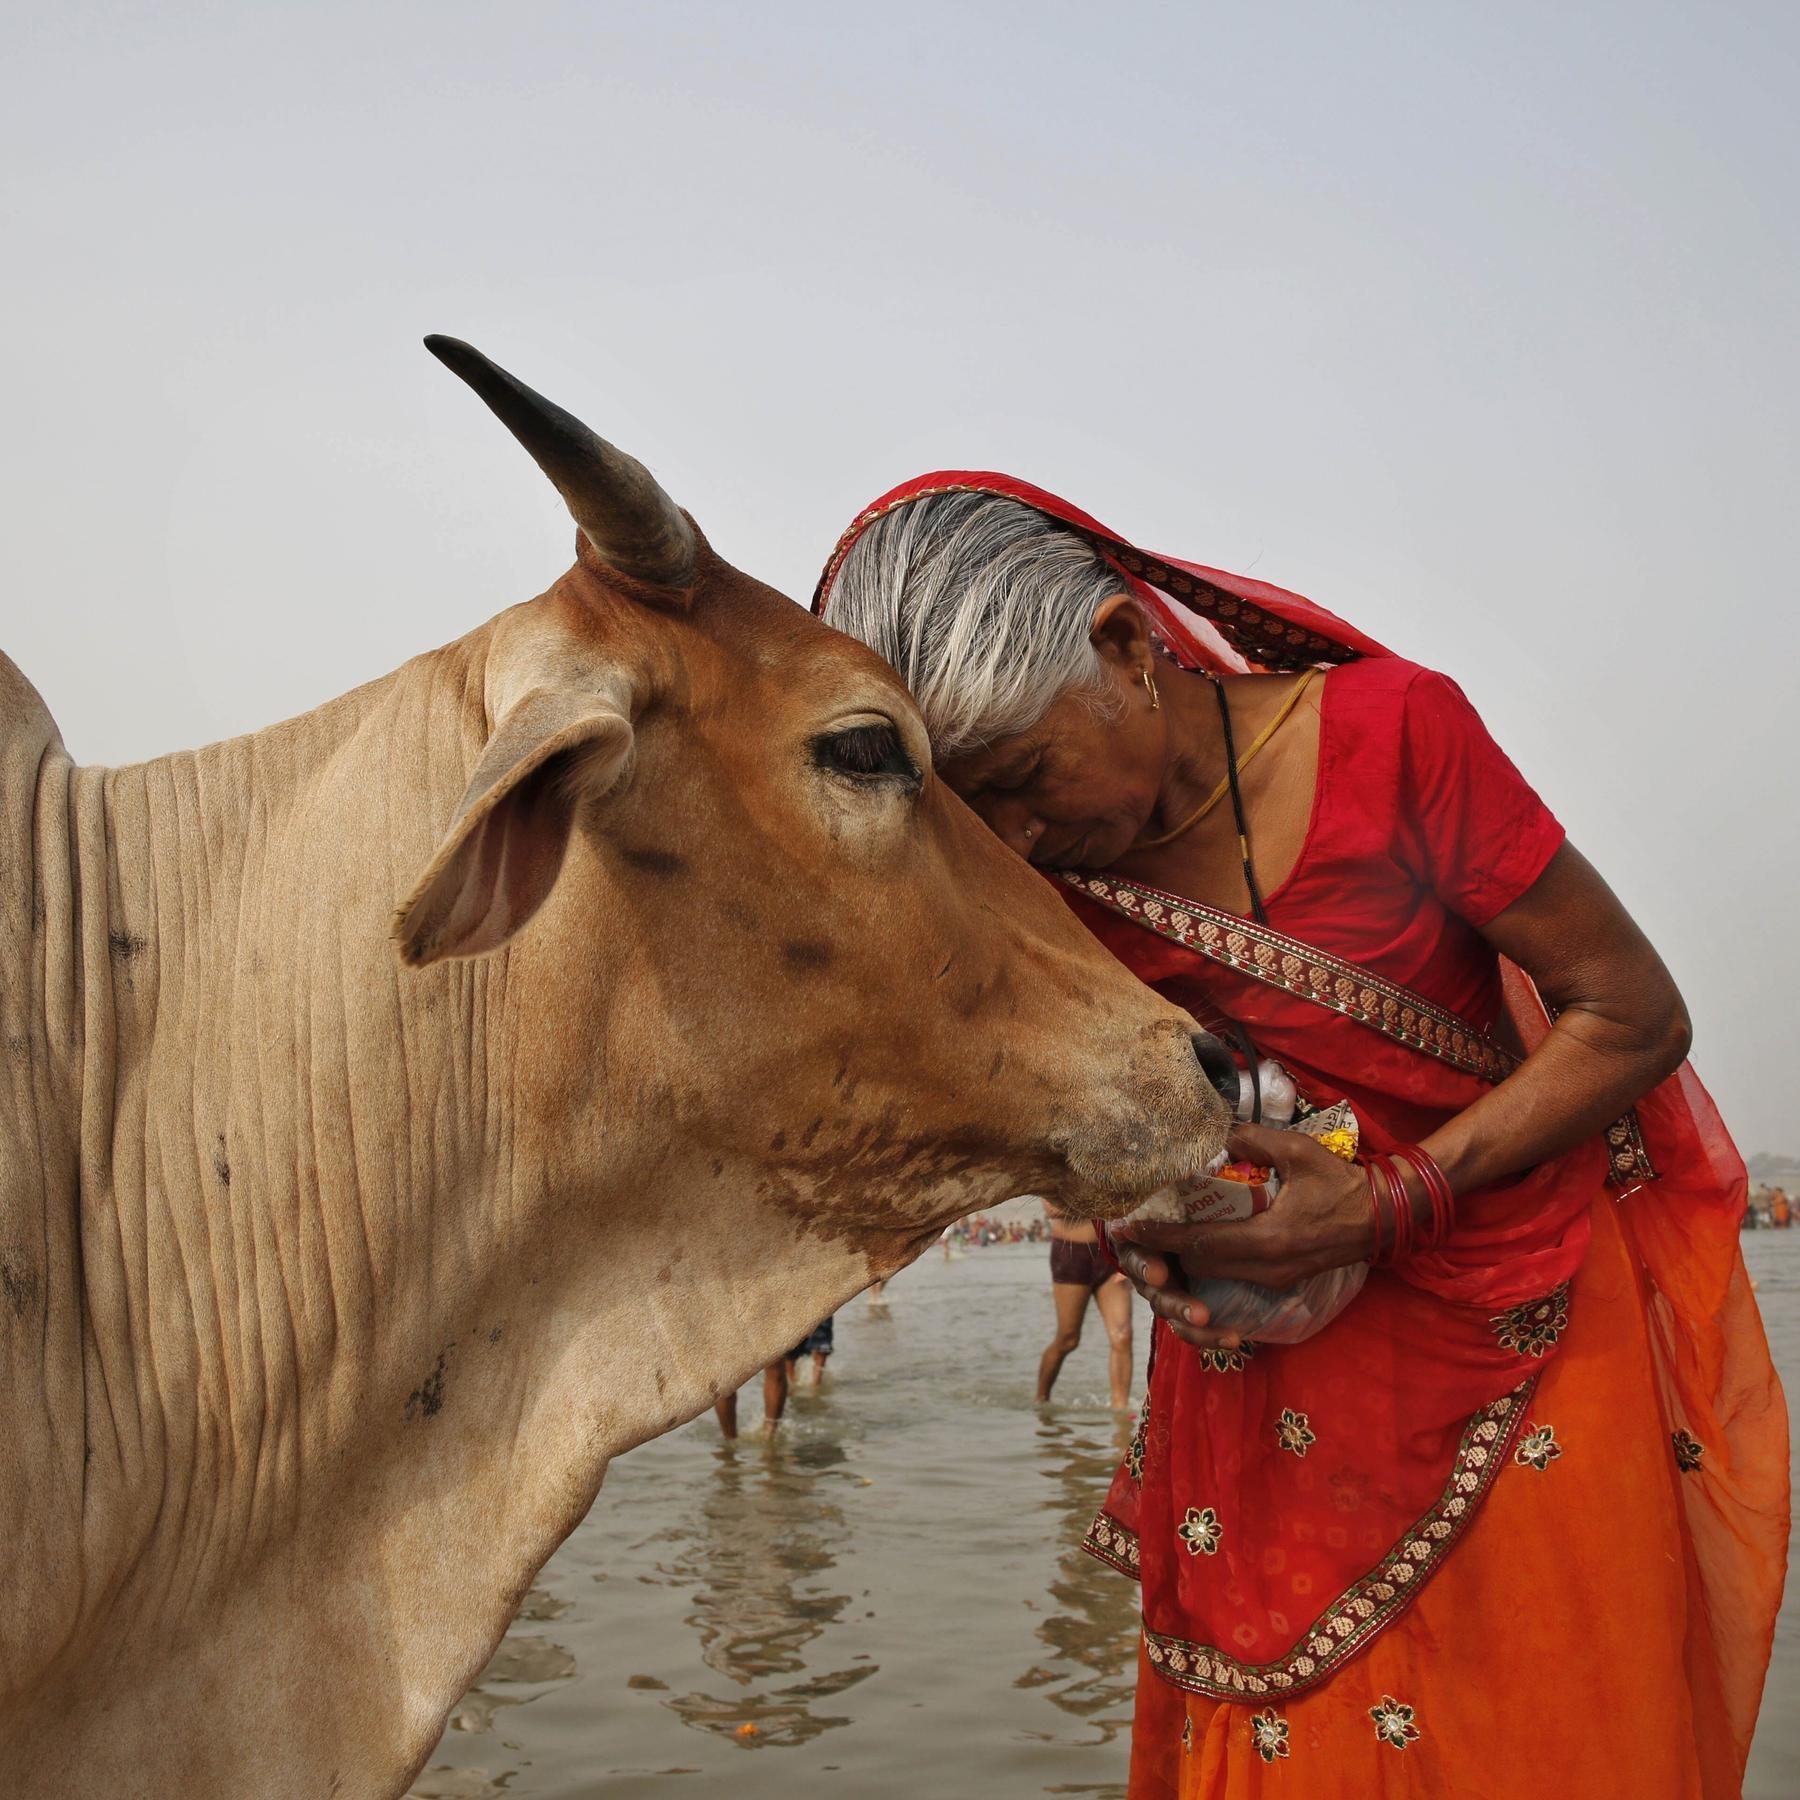 Das Tier und die Religion - Mitgeschöpf oder Mahlzeit?